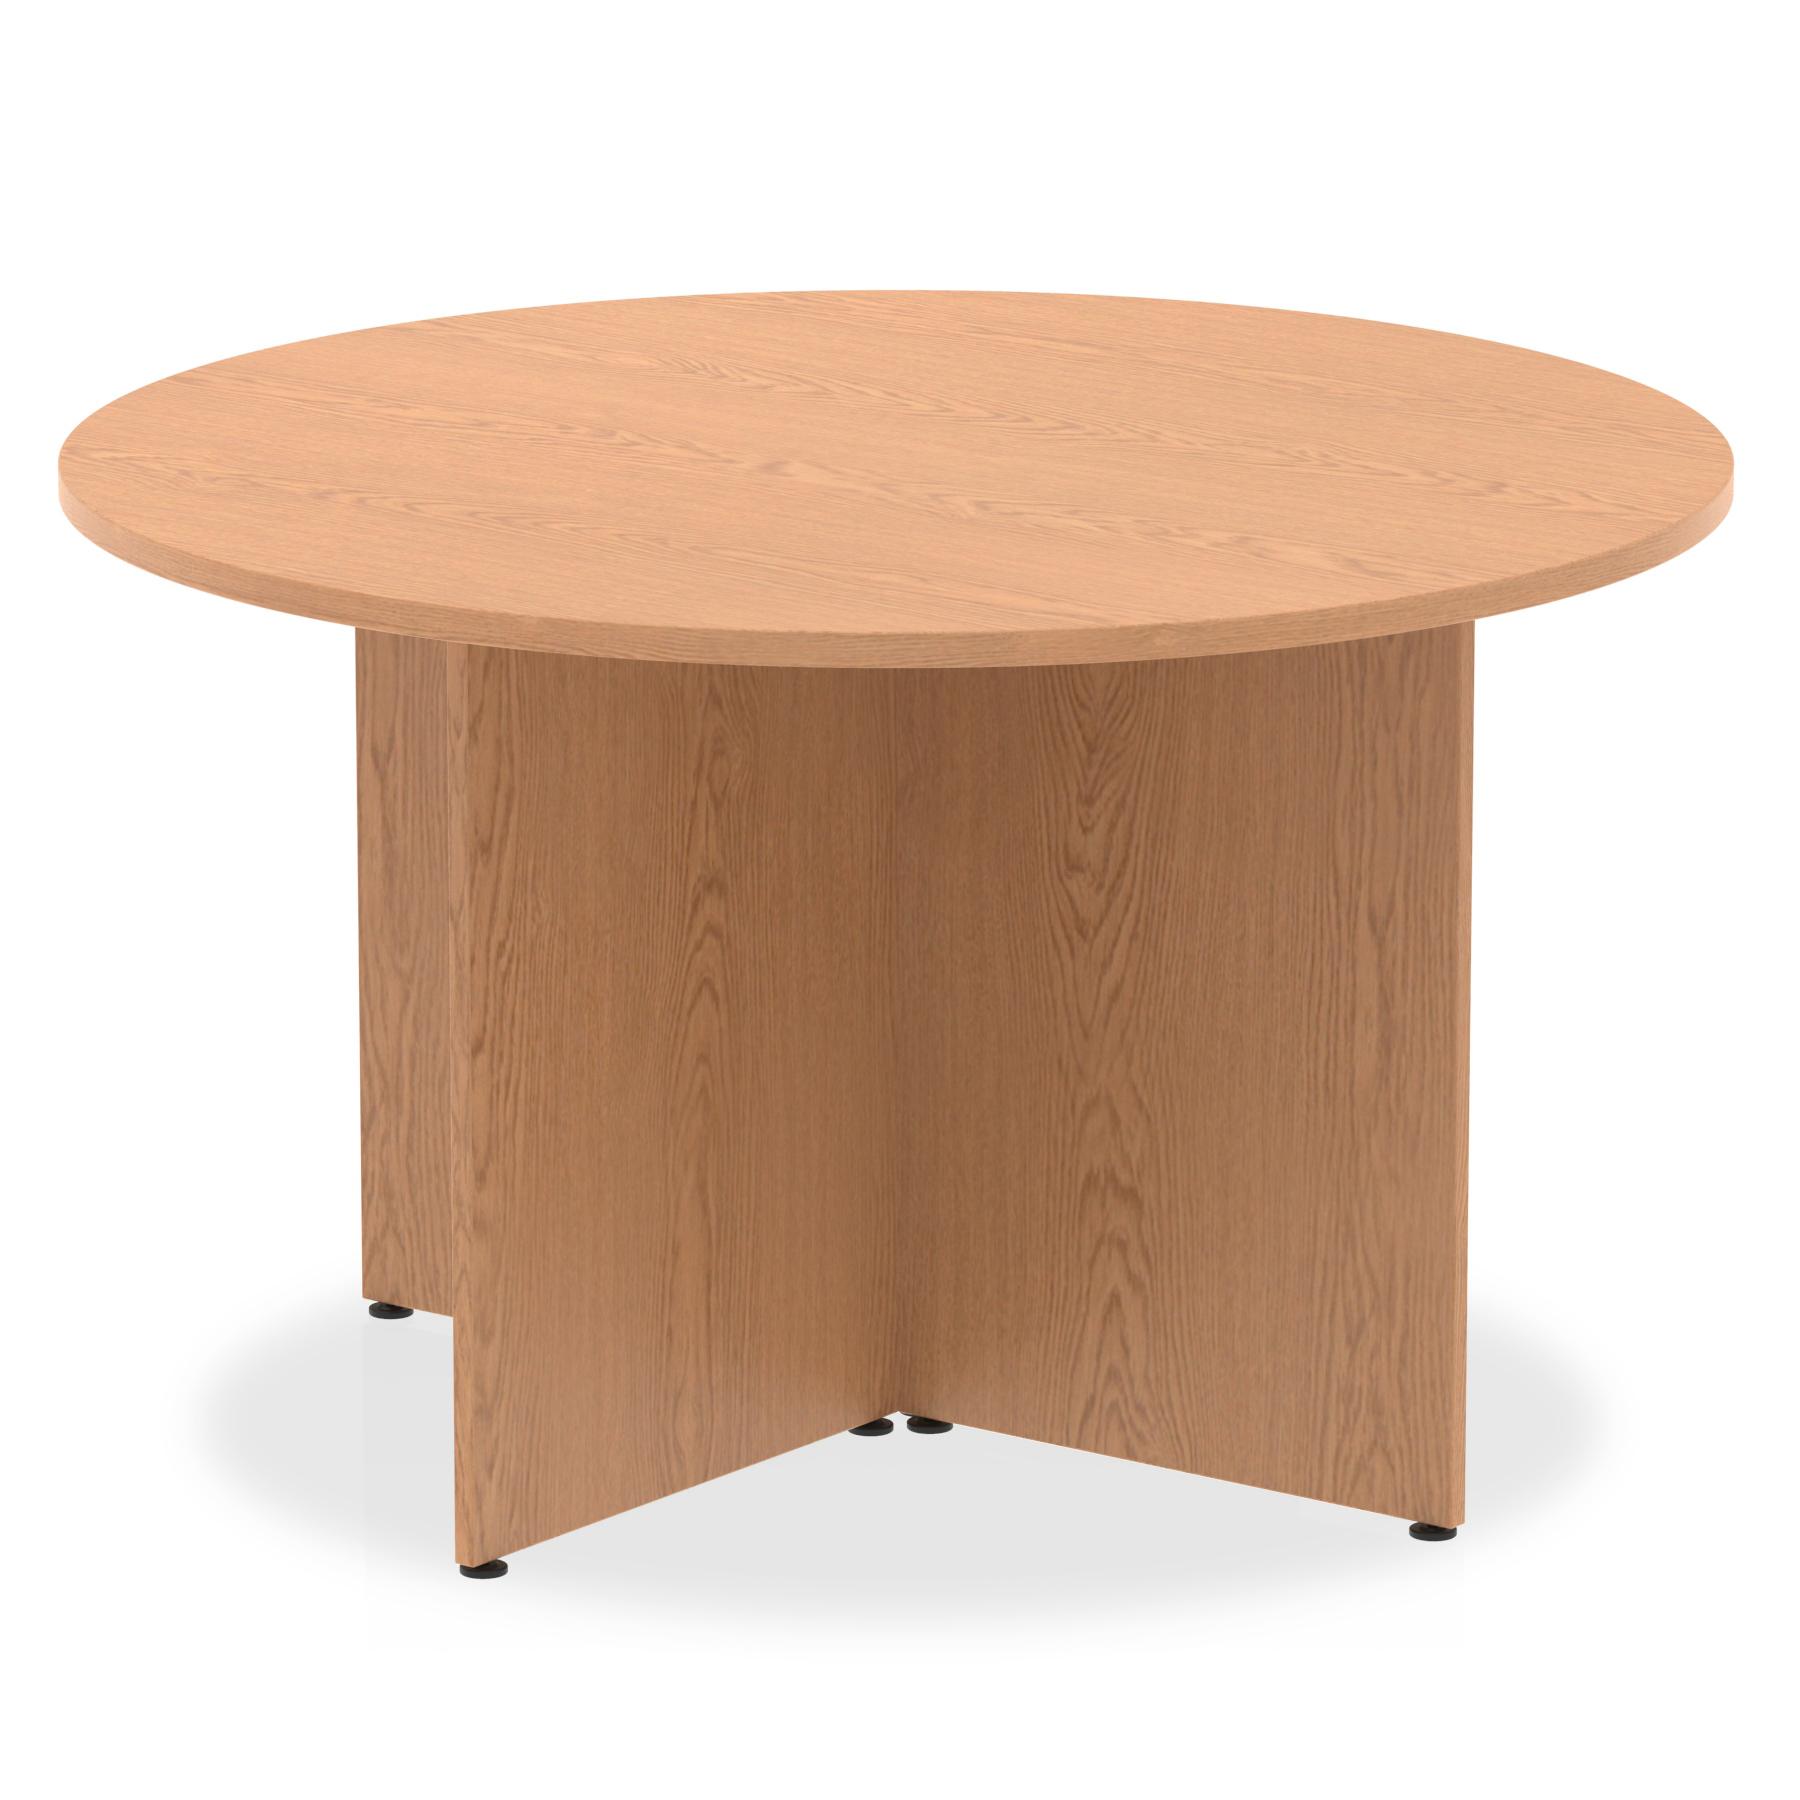 Trexus Coffee Table 1200x600x450mm Arrowhead Oak Ref MI002983